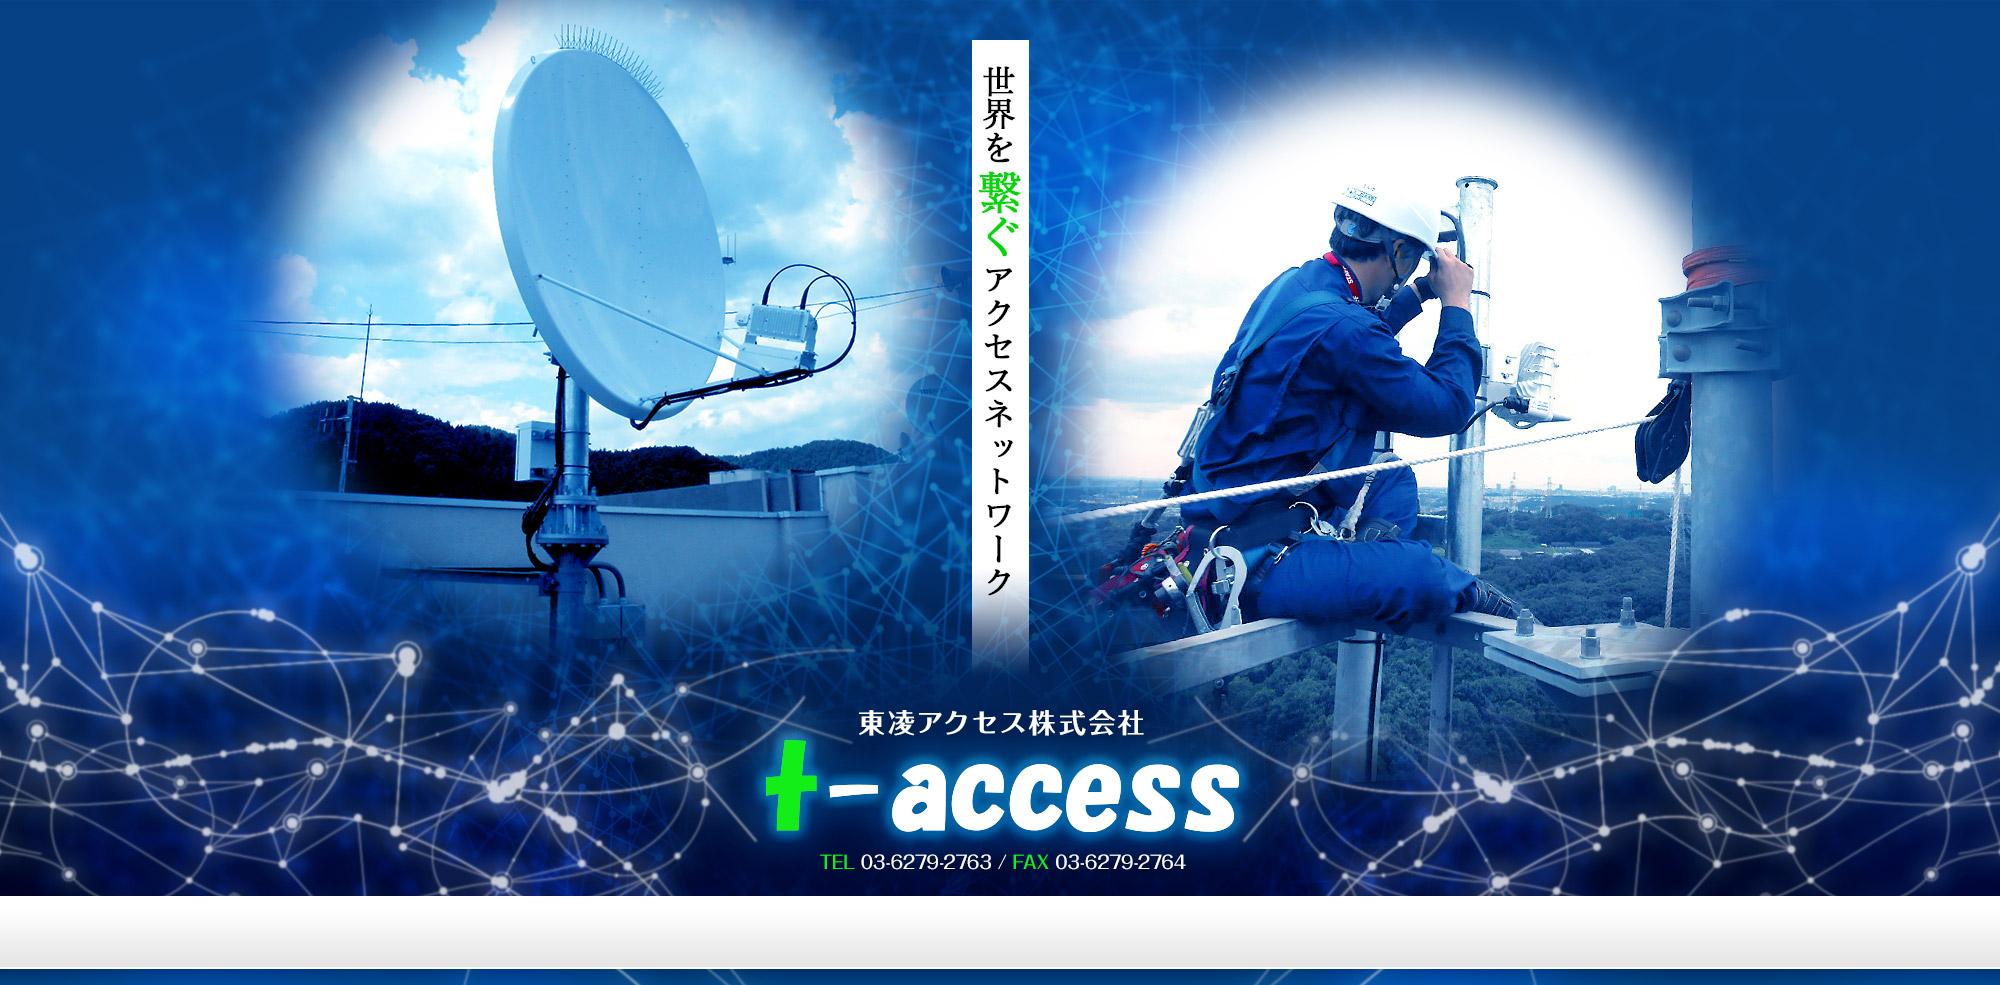 世界を繋ぐアクセスネットワーク